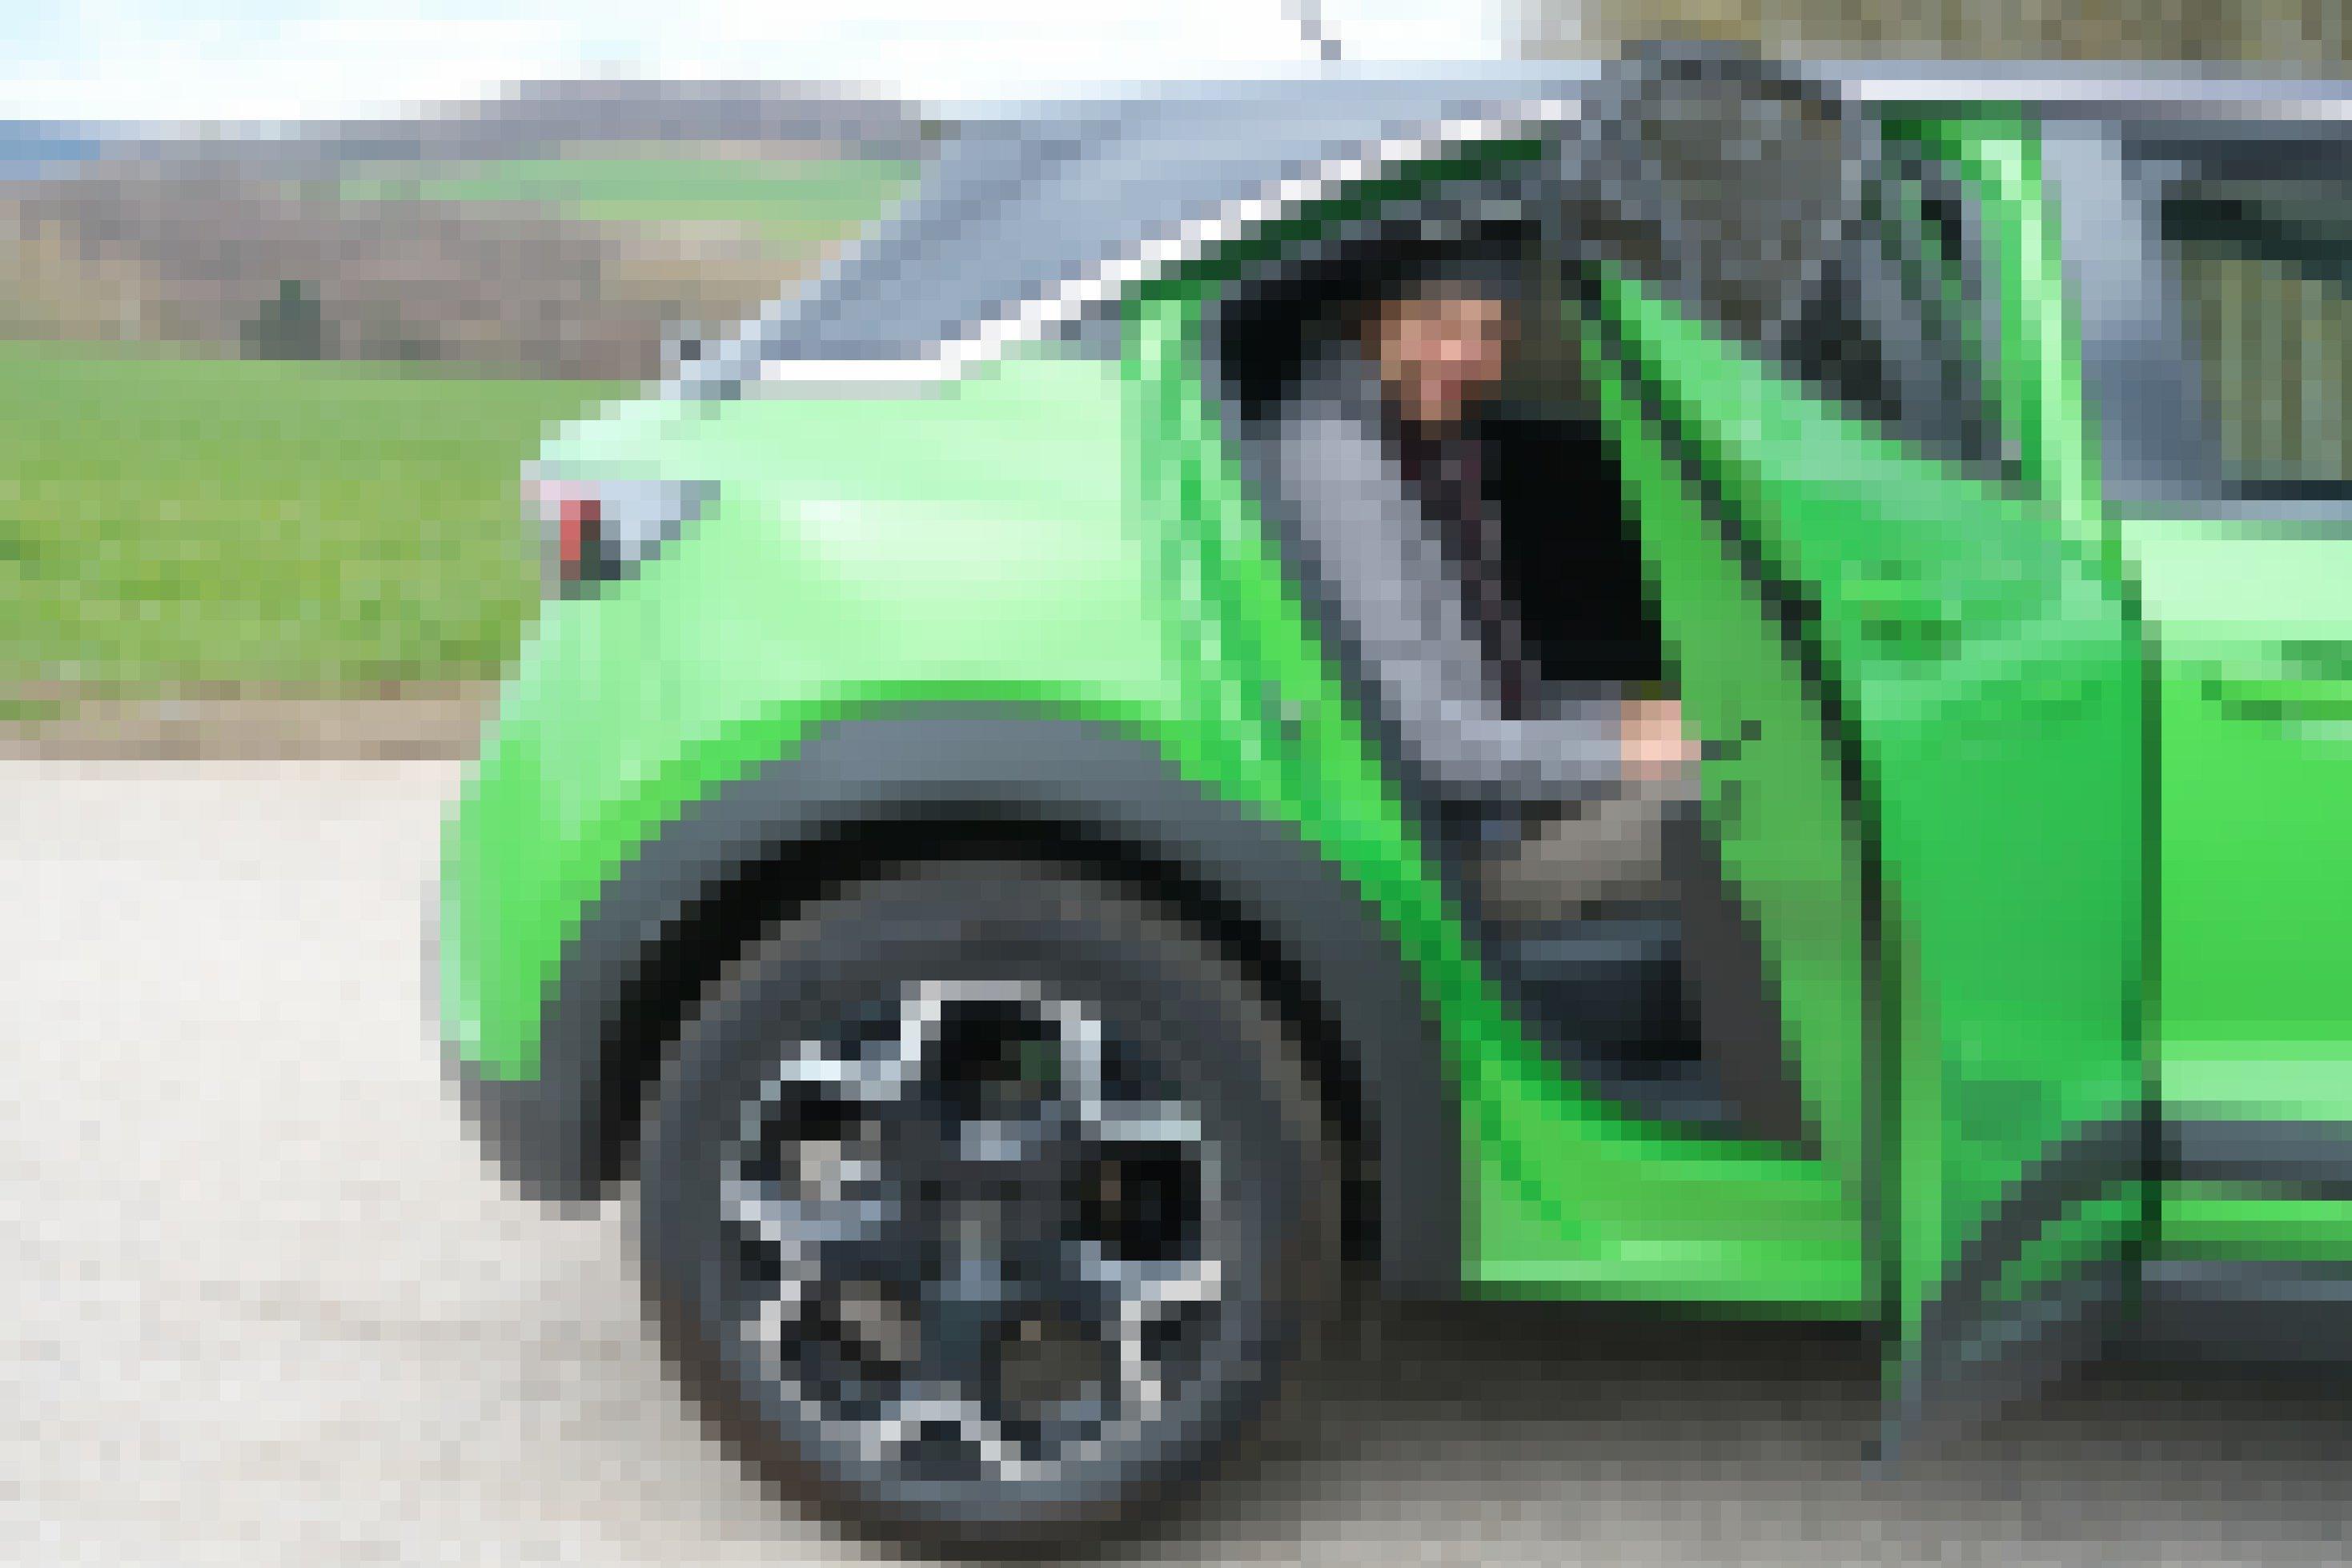 Ein Mann mit Mütze sitzt auf der Rückbank eines Kleinwagens. Die Tür ist geöffnet.